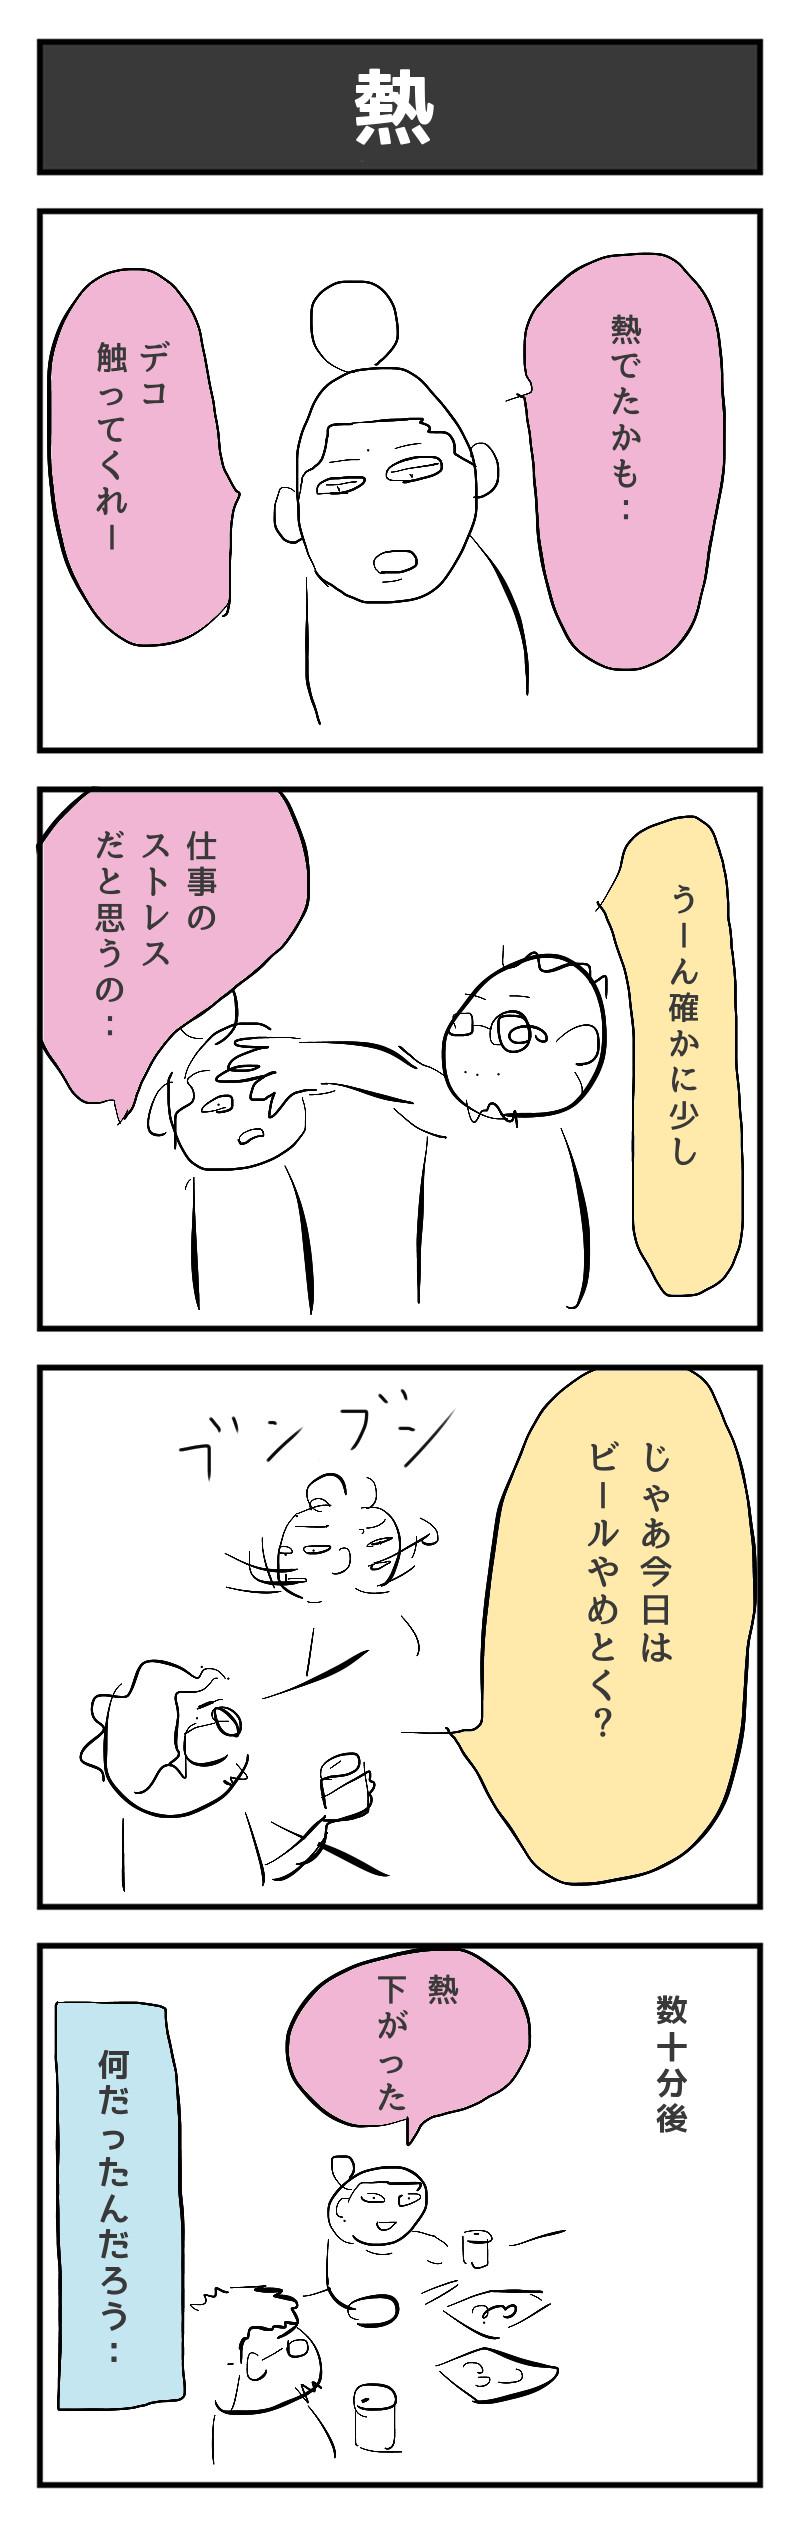 【95】熱